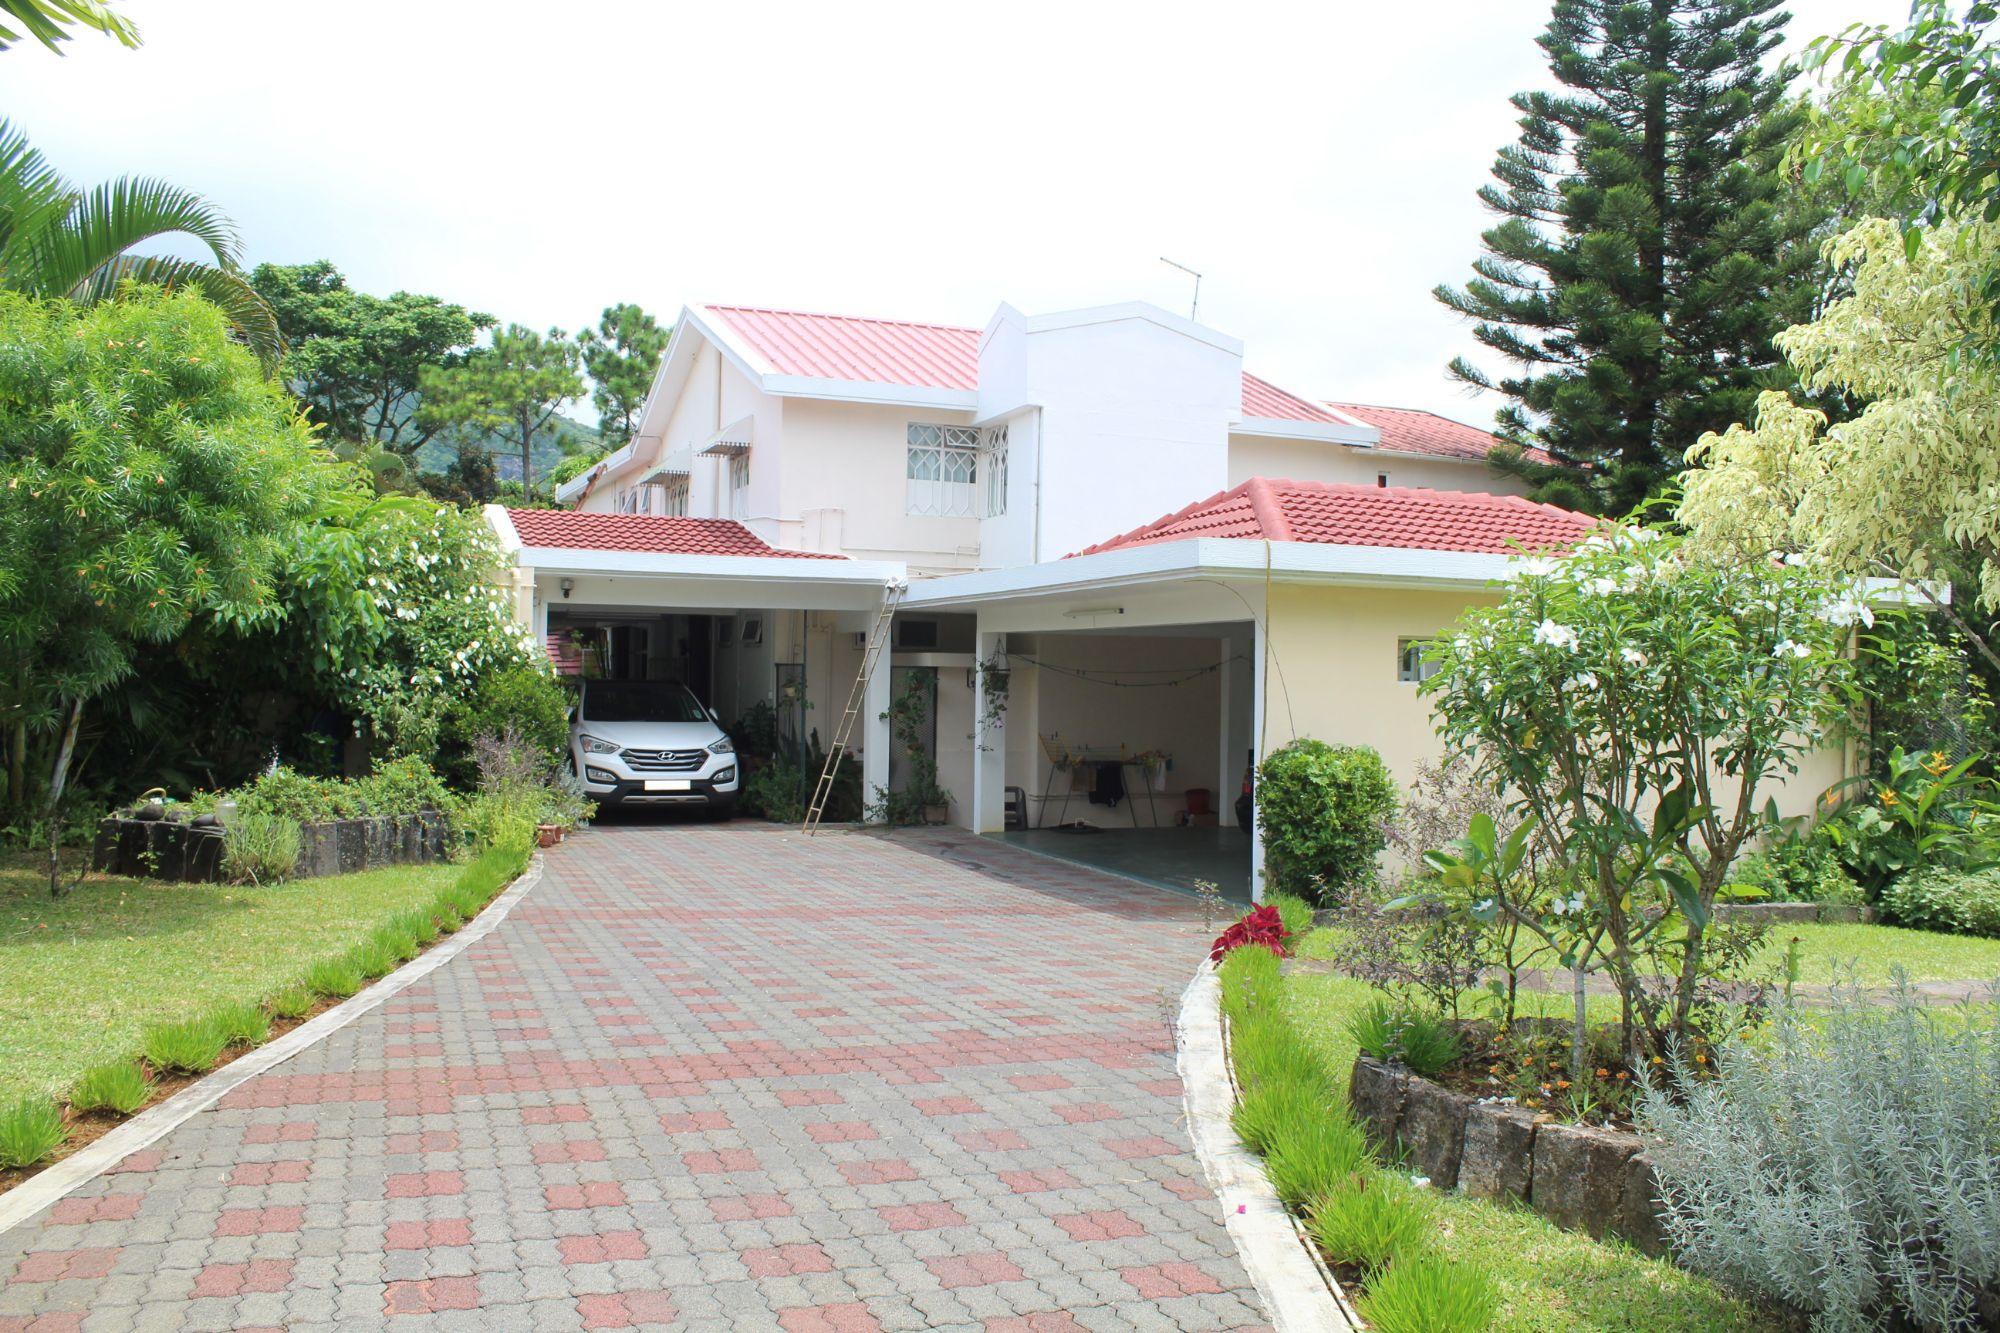 Maison non meublée de 690 M2 + 1 petit appartement indépendant sur un terrain de 369 toises en bordure de rivière et de lac avec vue sur la montagne situées à St. Pierre, Moka